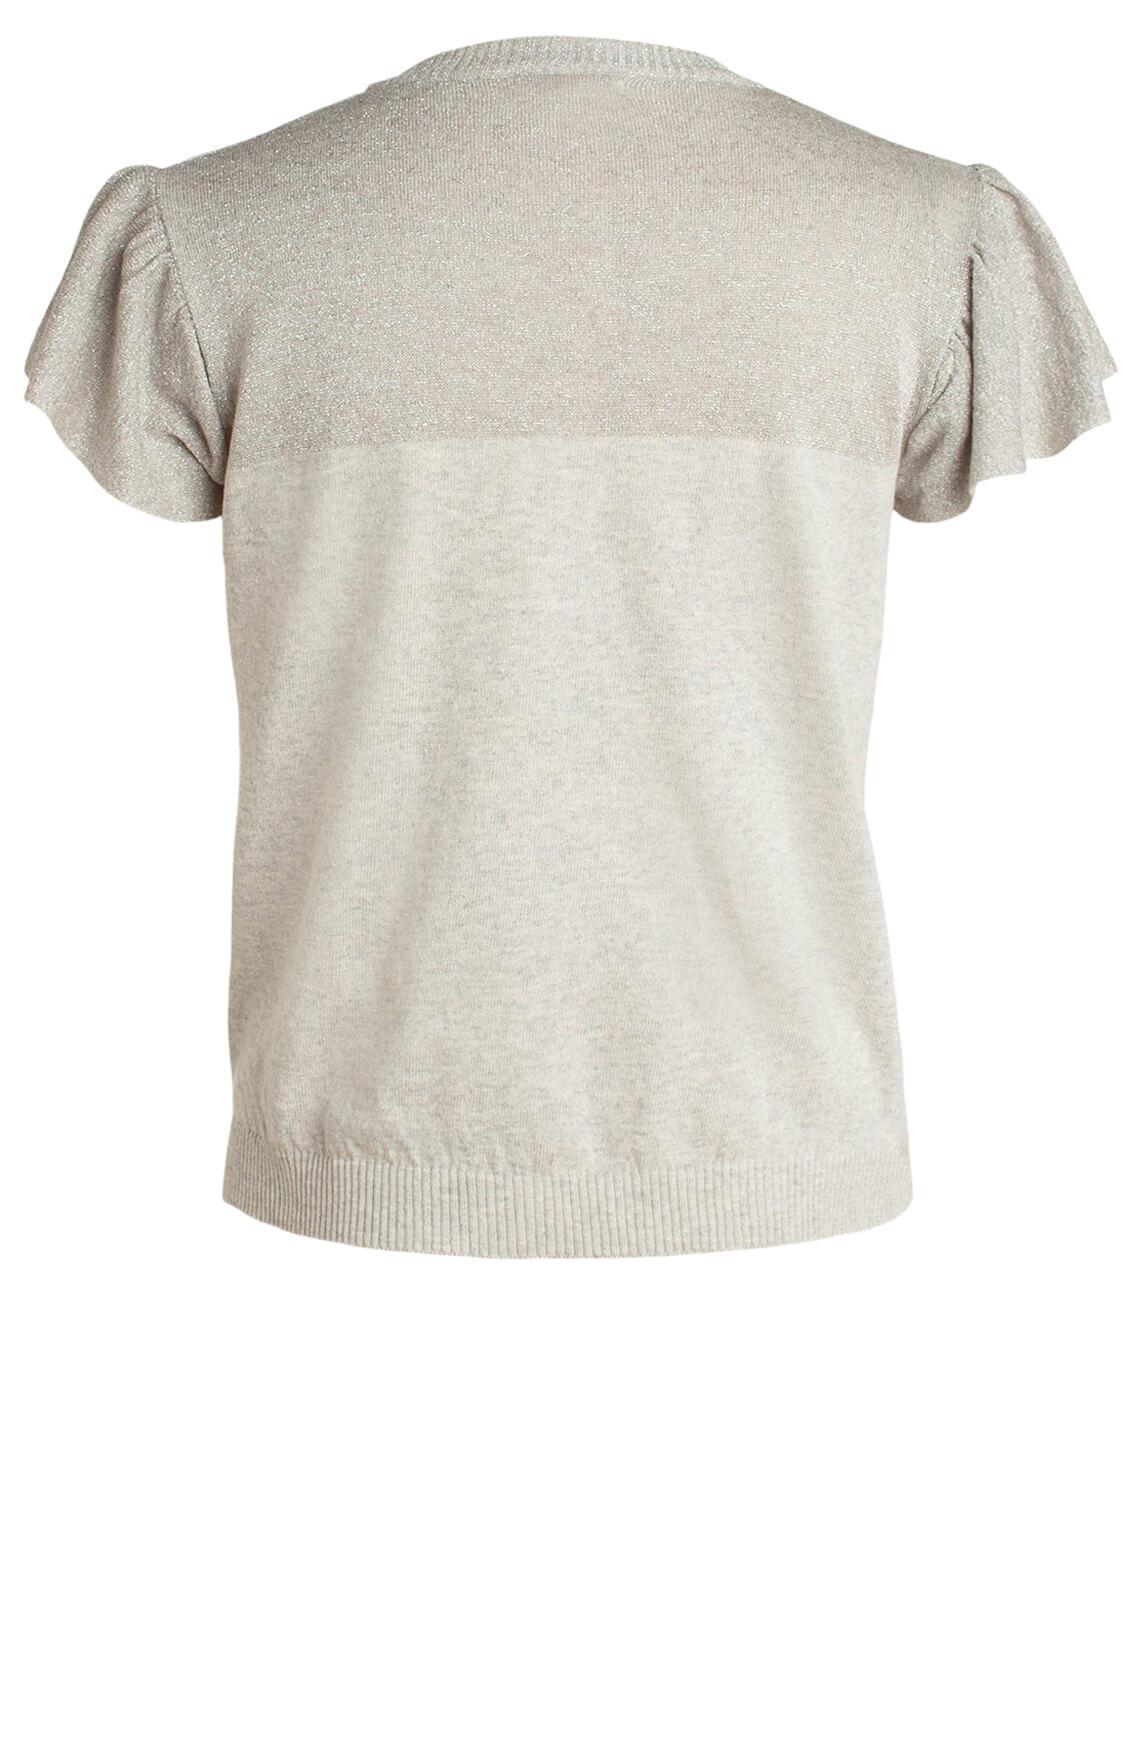 Kocca Dames Fedro shirt Grijs